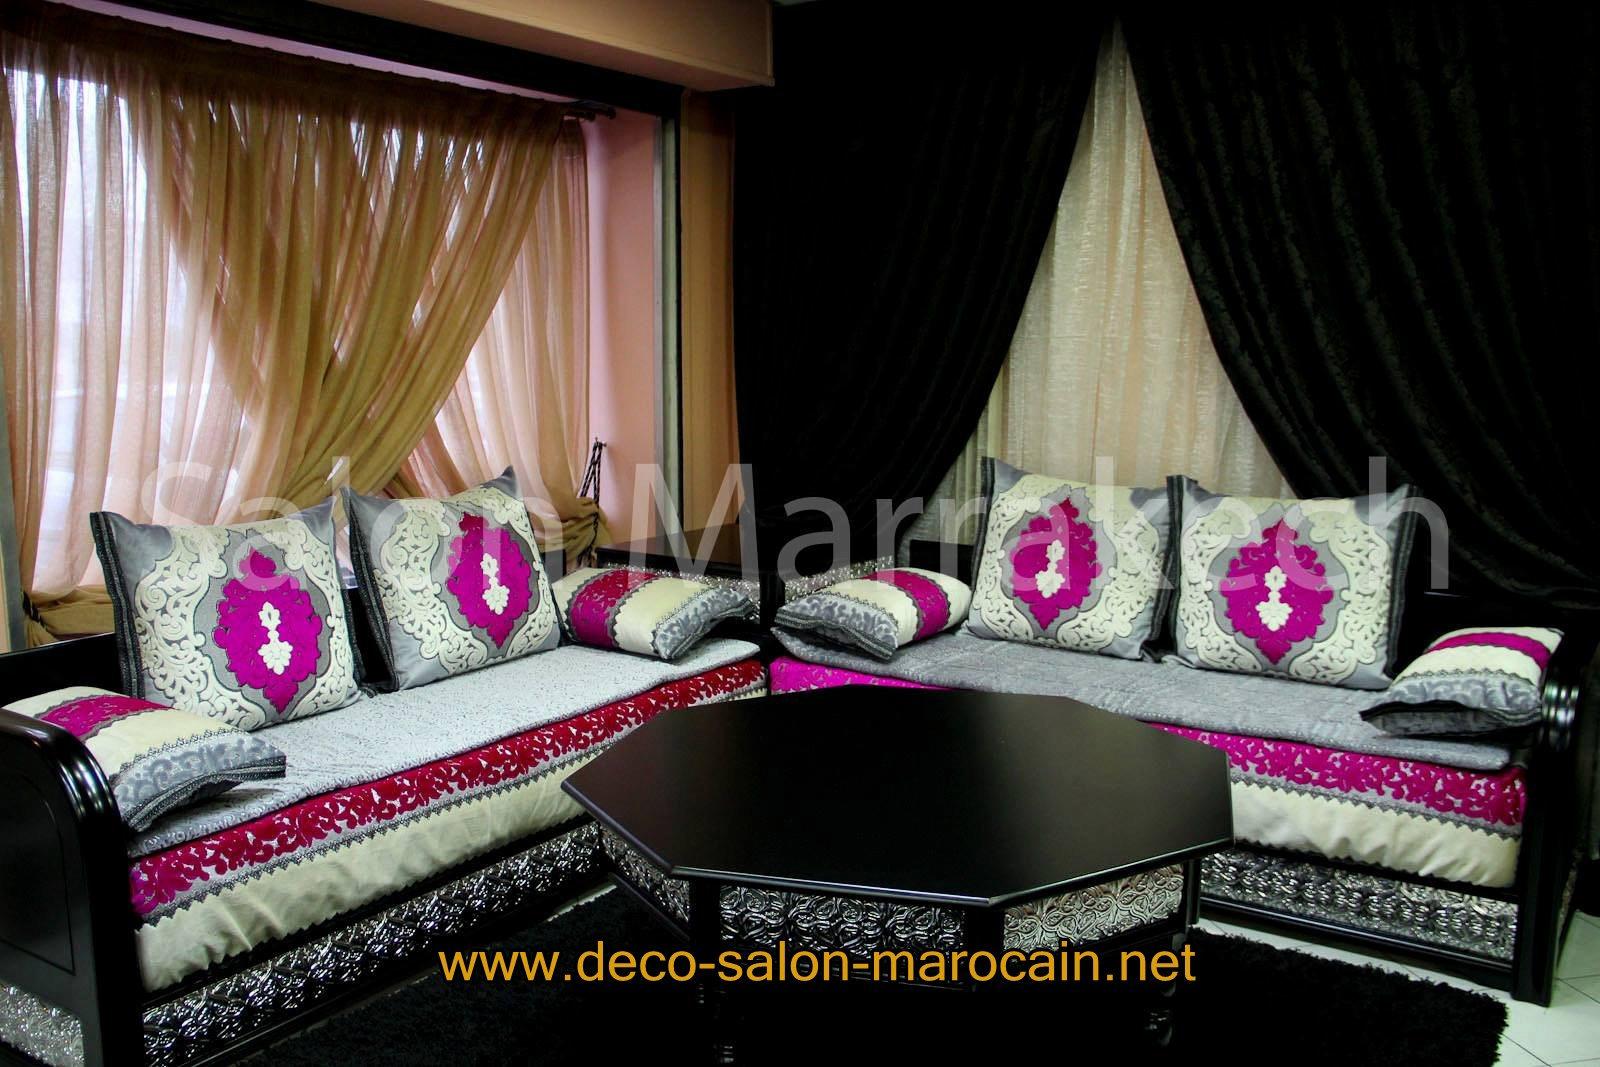 Salon Marocain Maroc Prix vente salon marocain occasion - déco salon marocain